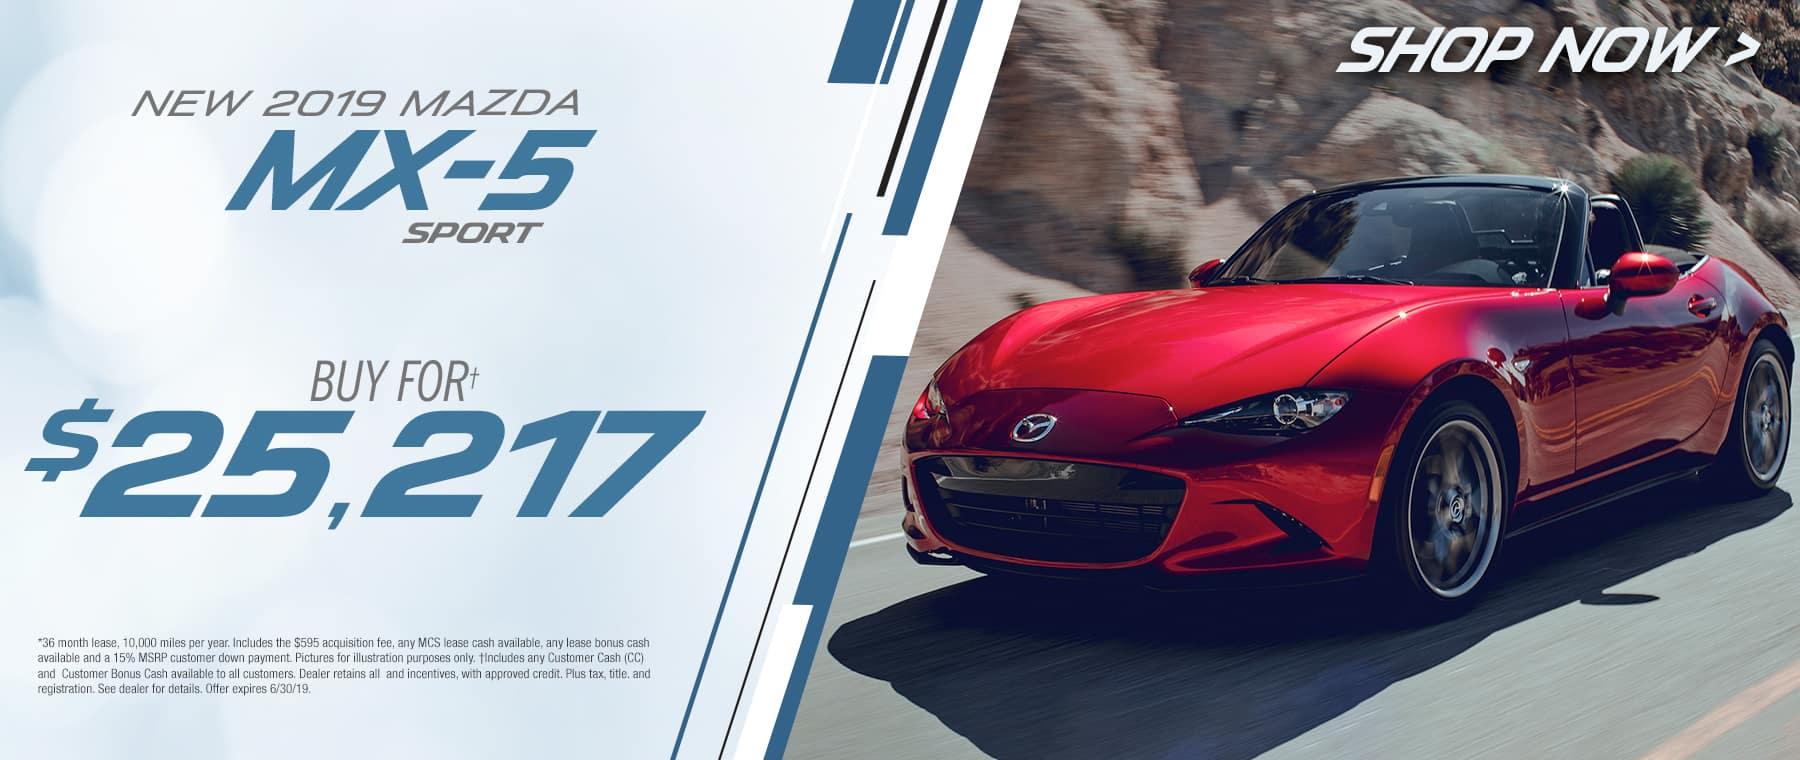 2019 Mazda MX-5Buy For $25217